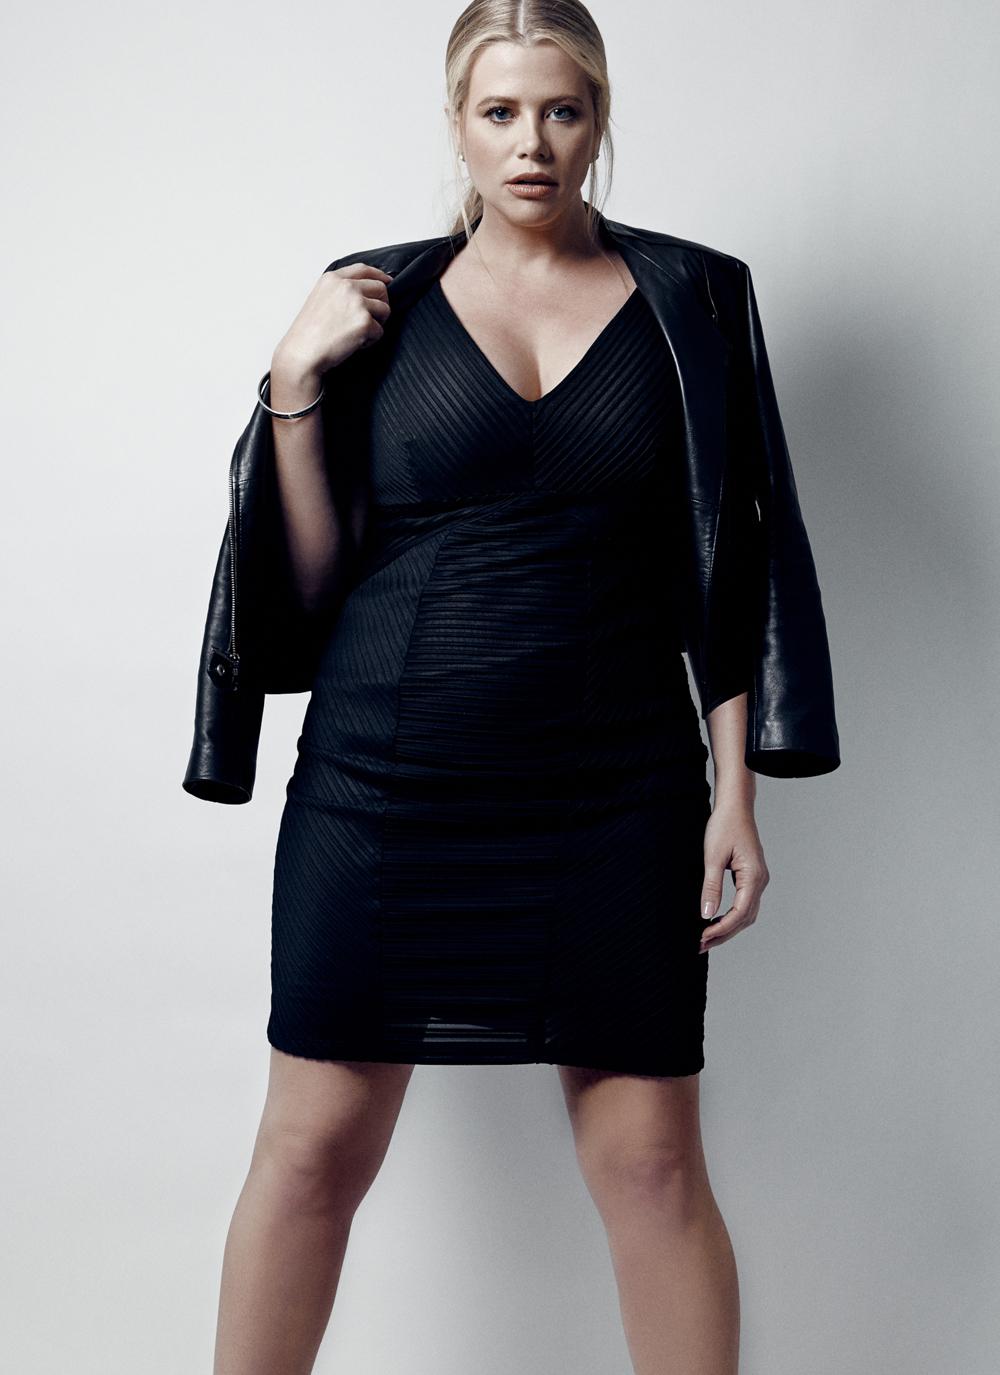 Danielle Braverman #24